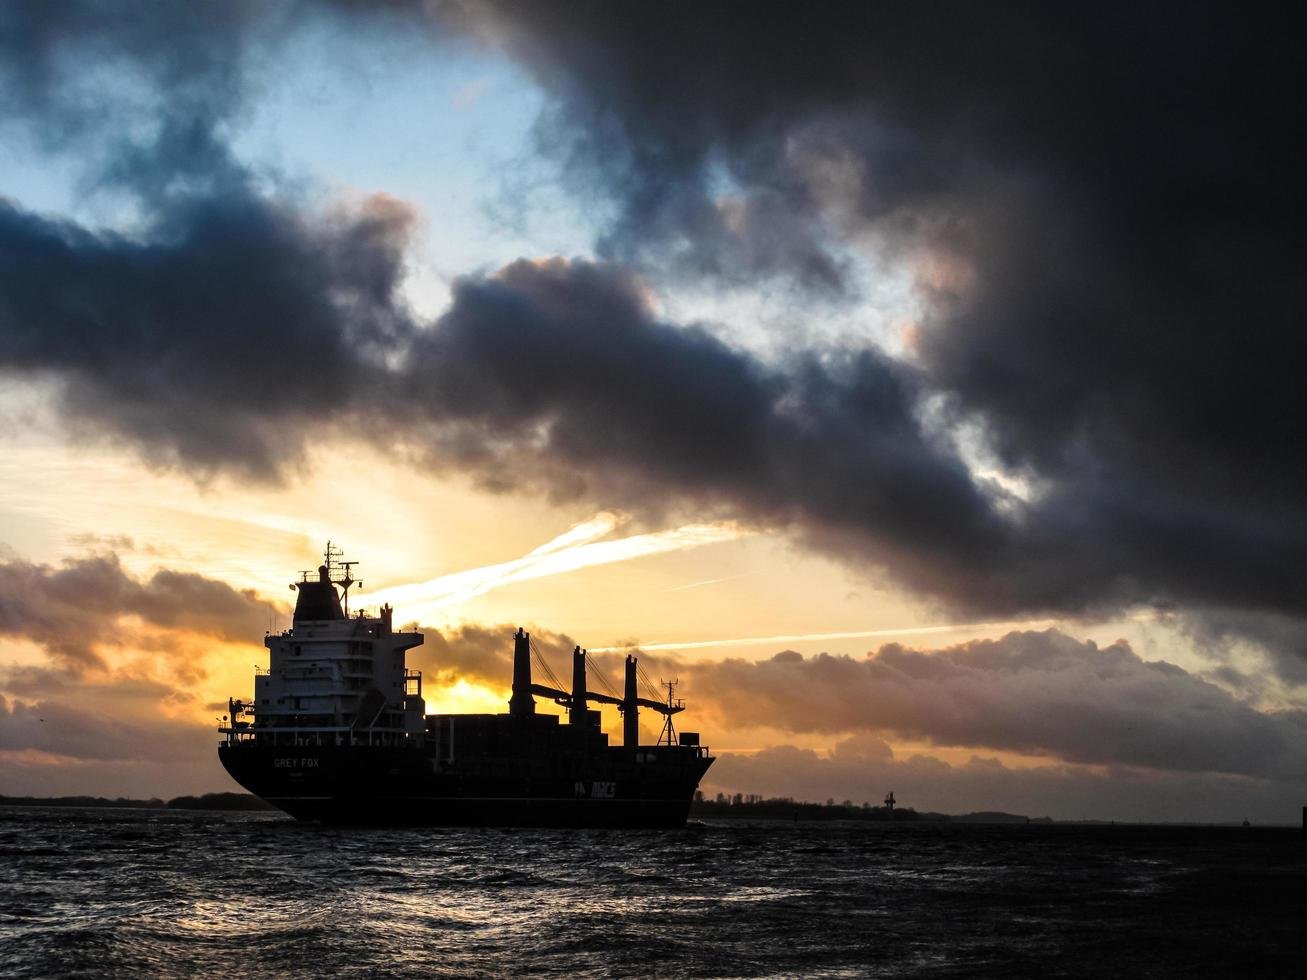 schip dat tijdens zonsondergang vaart foto